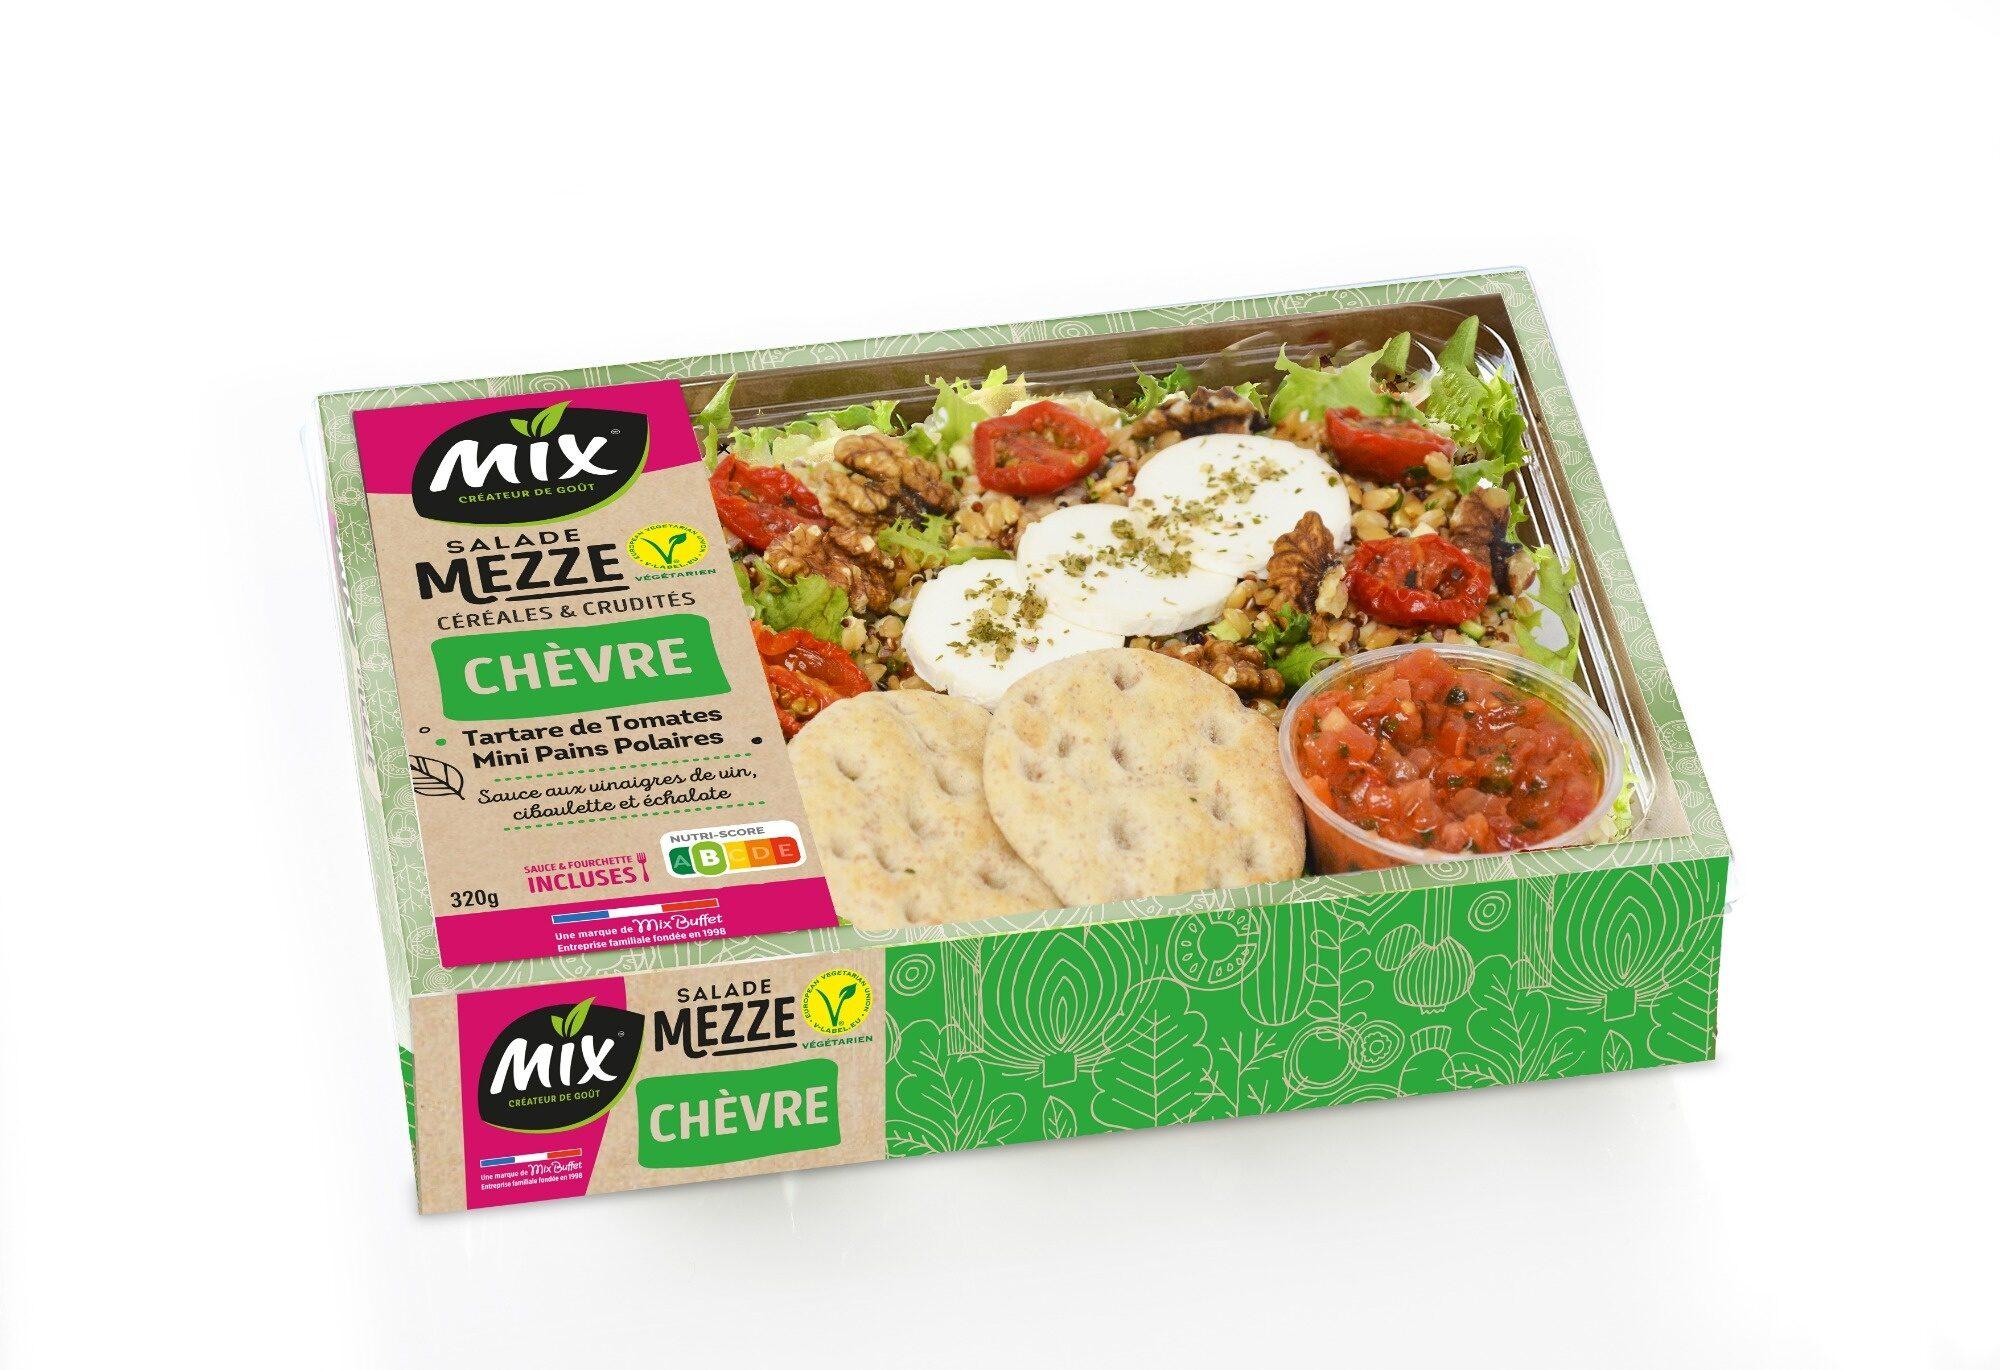 Salade mezze chèvre - Product